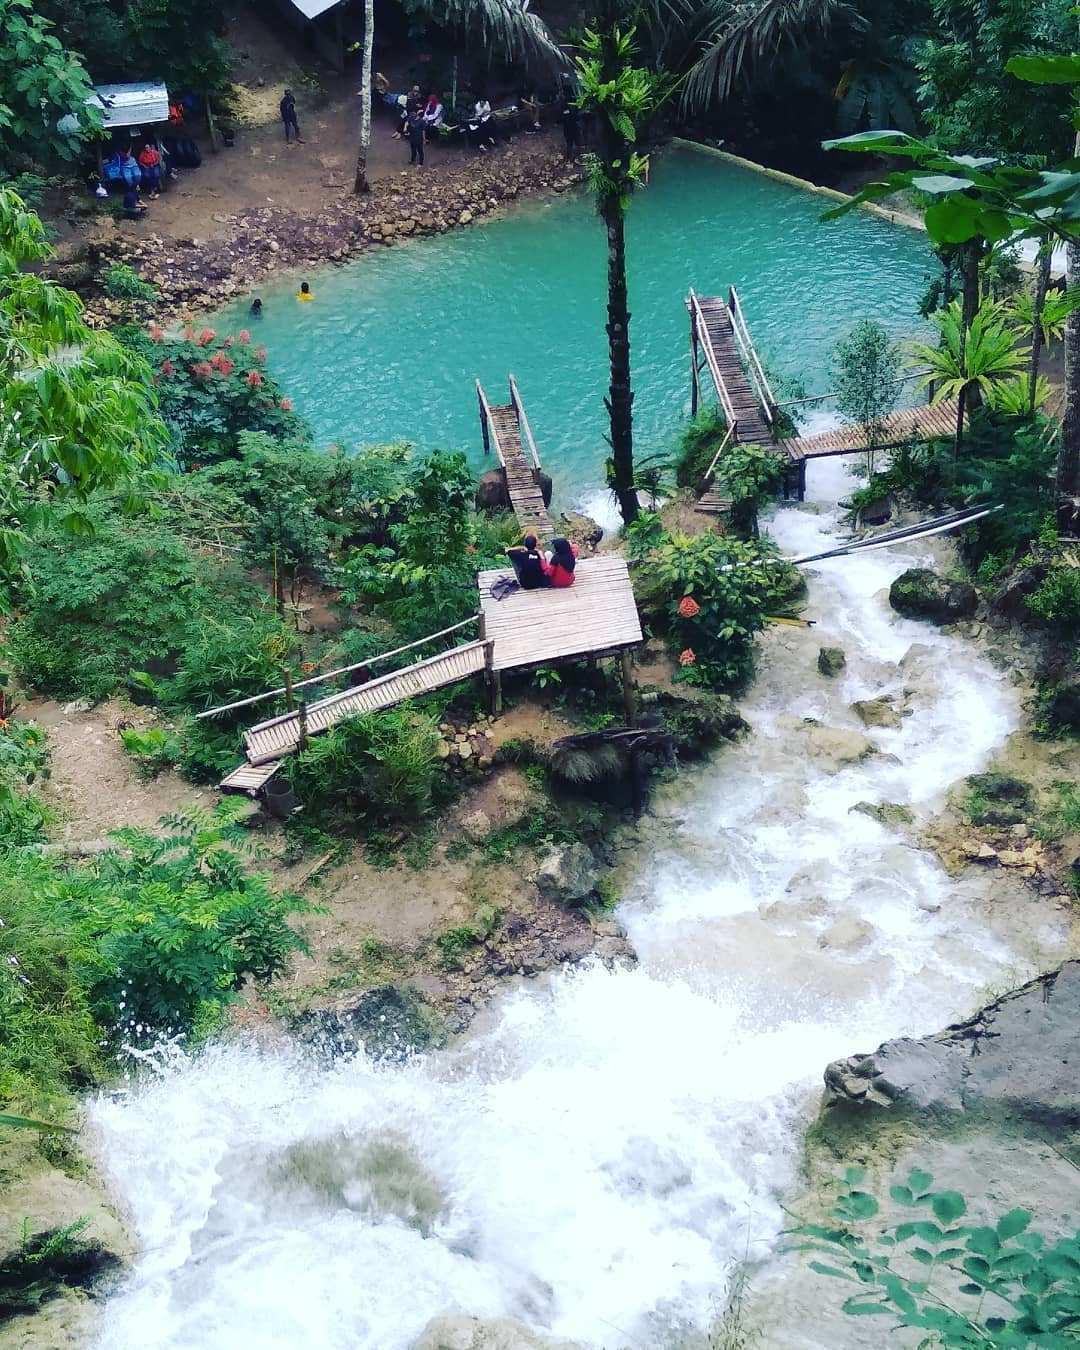 Foto Air Terjun Kembang Soka Dari Bagian Atas, Image From @air_terjun_kembangsoka